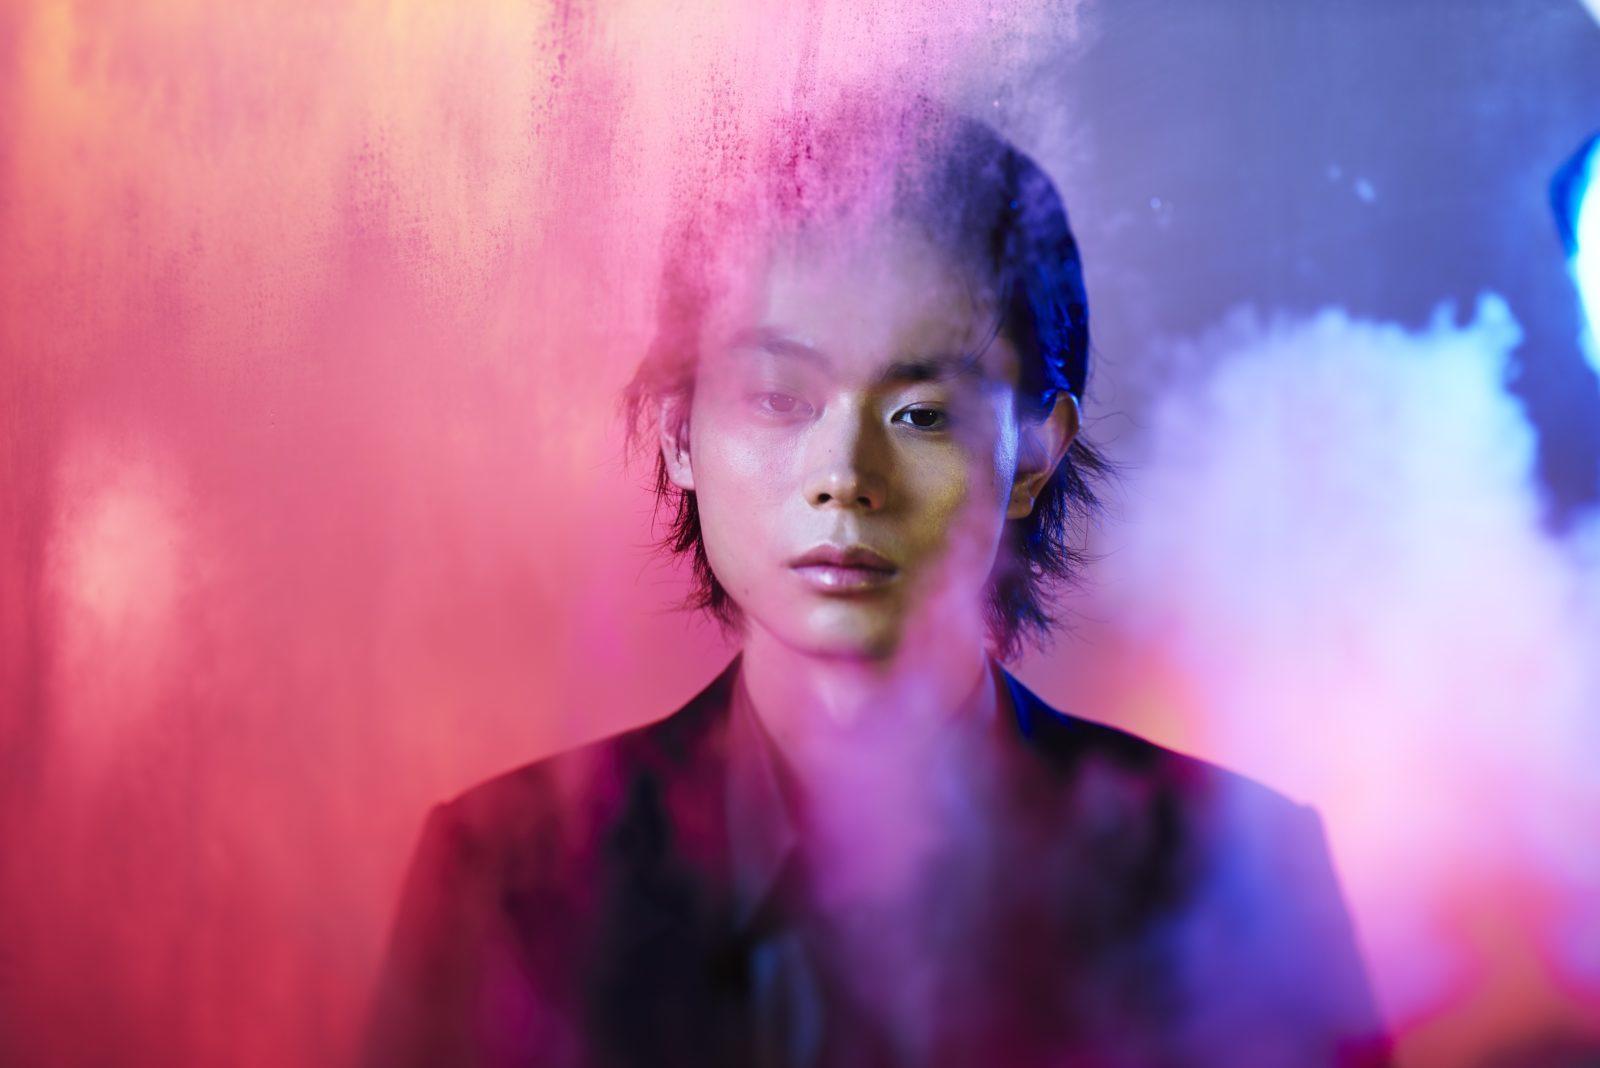 菅田将暉 ちょっと変わった嗜好を披露も、ネットでは意外な?共感の声多数サムネイル画像